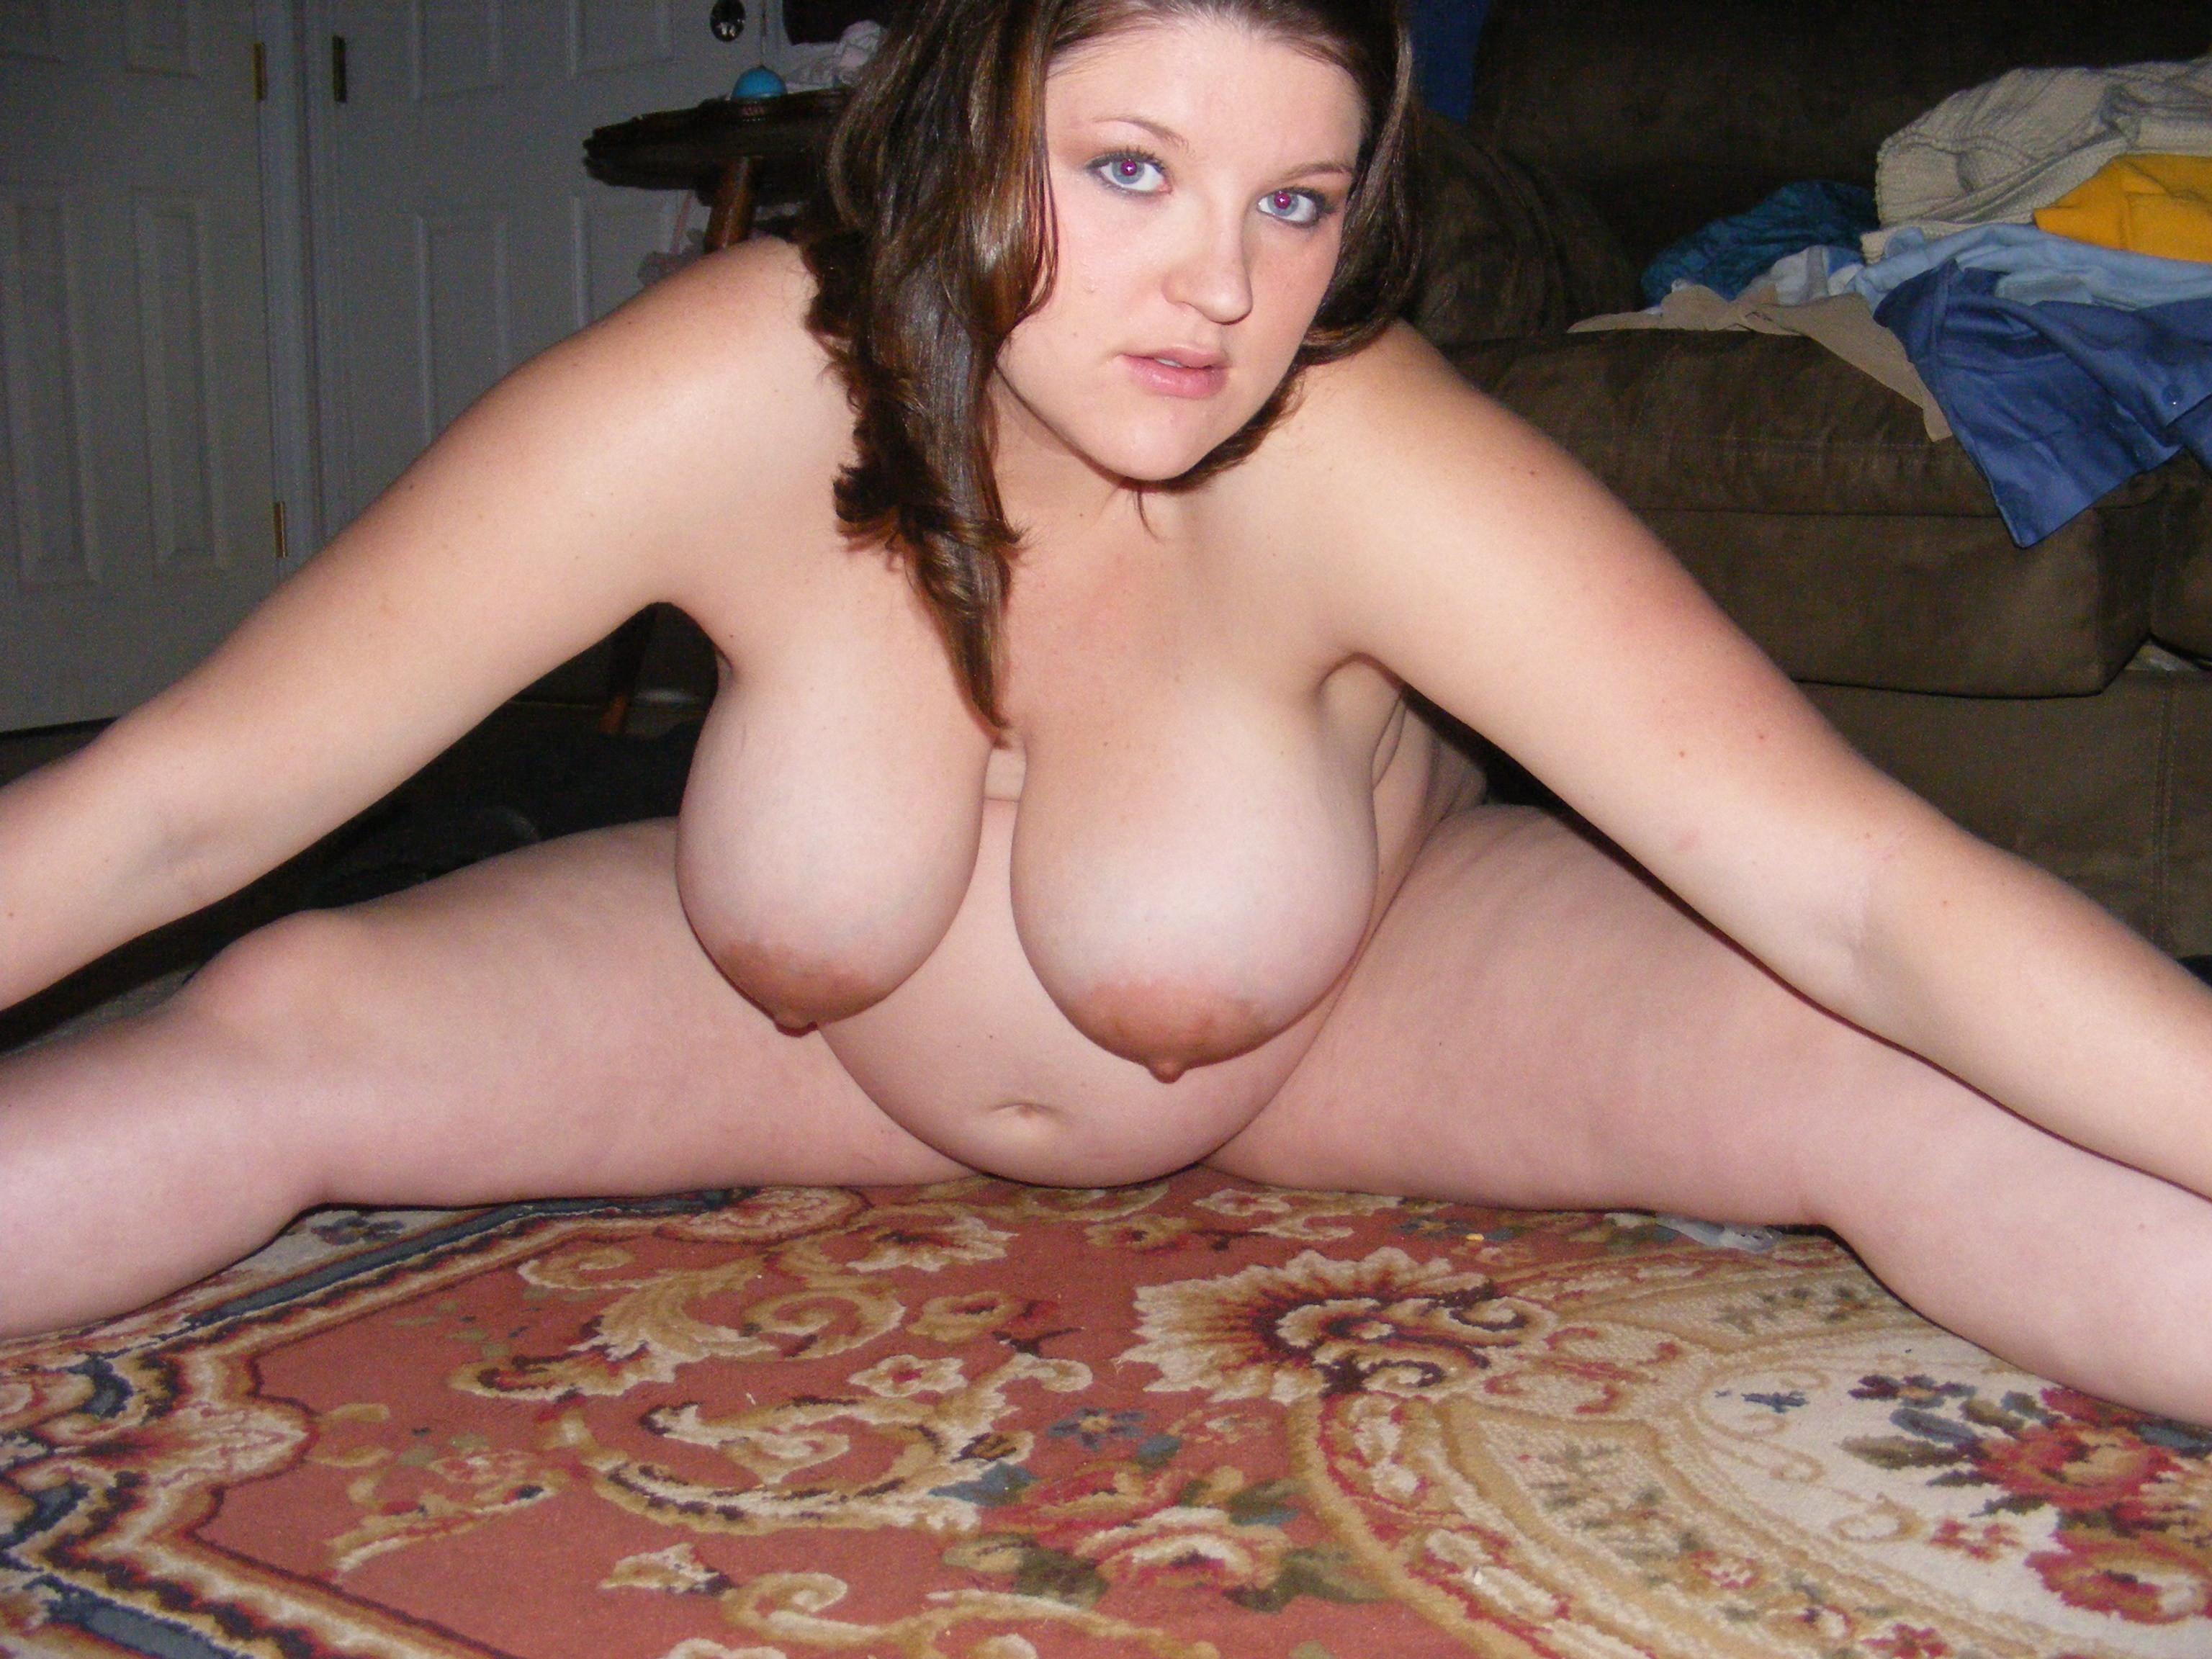 Частное фото девушки с большими сиськами, Частное фото женщин с большой грудью частное 10 фотография